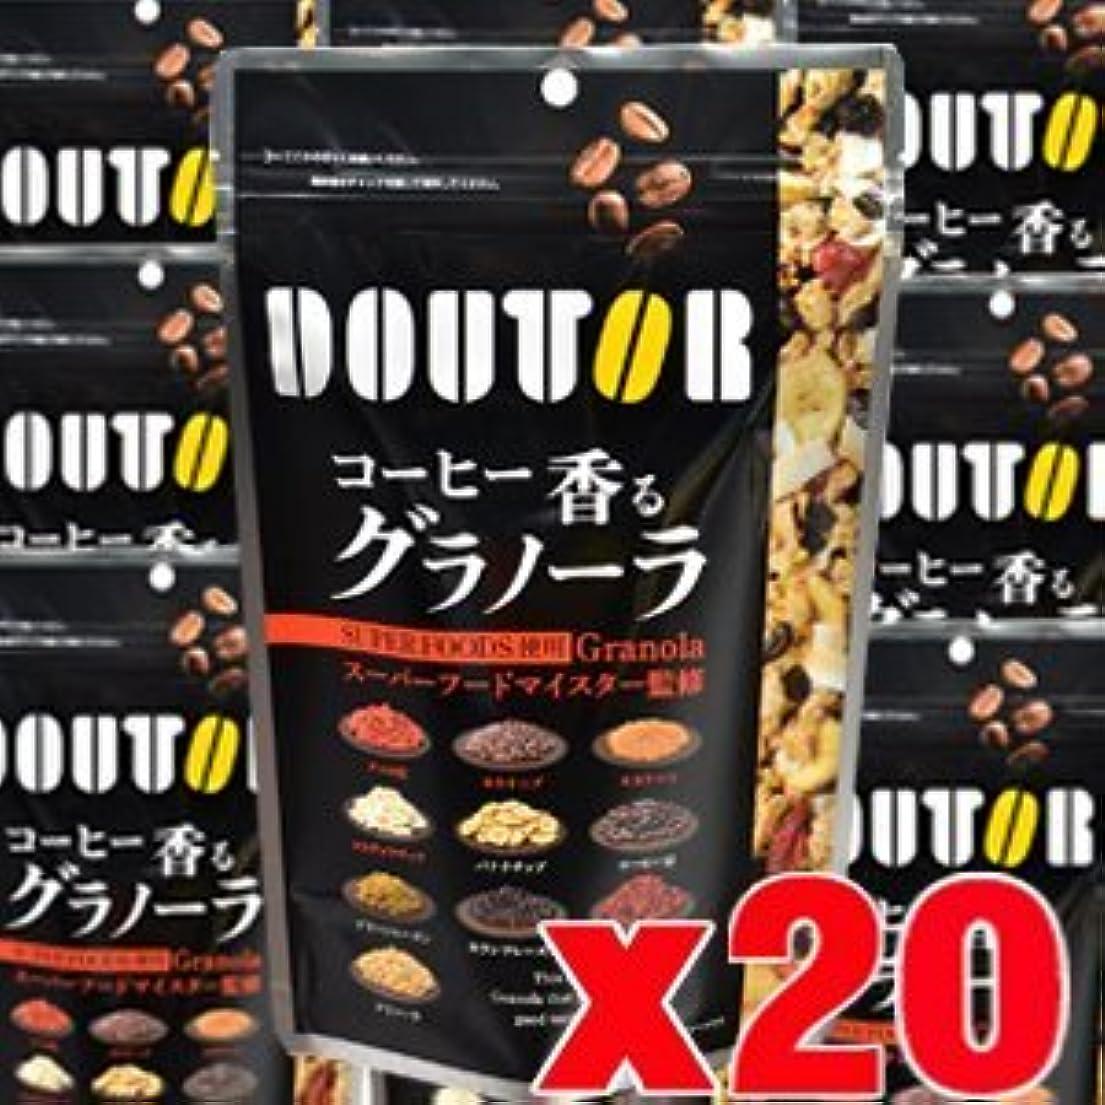 治安判事消す不変【20個】 ドトール コーヒー香るグラノーラ 210gx20個 (4946763053654-20)